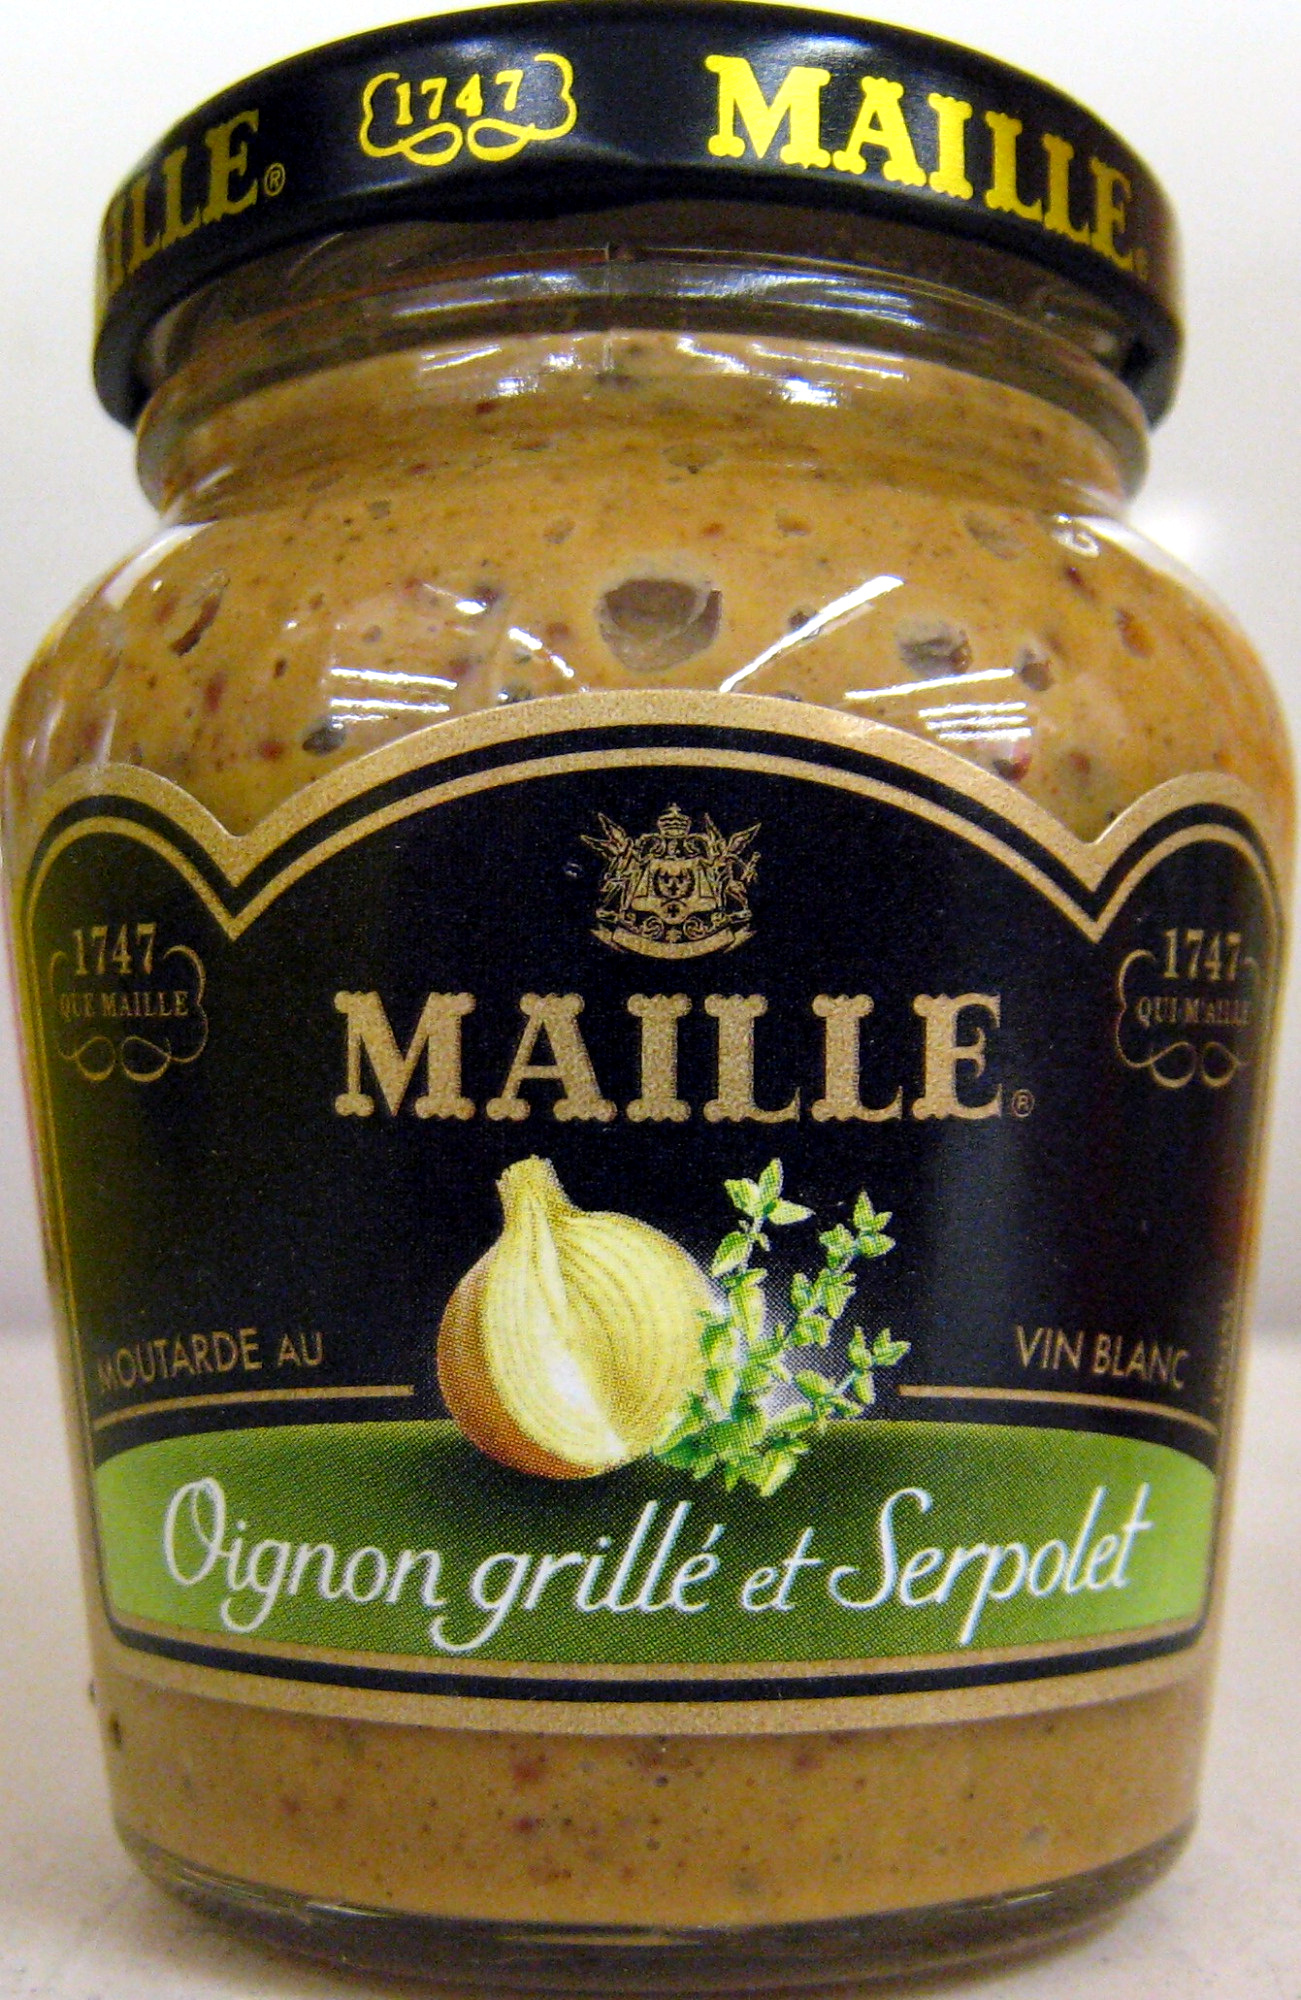 moutarde au vin blanc l 39 oignon grill et au serpolet maille 108 g. Black Bedroom Furniture Sets. Home Design Ideas